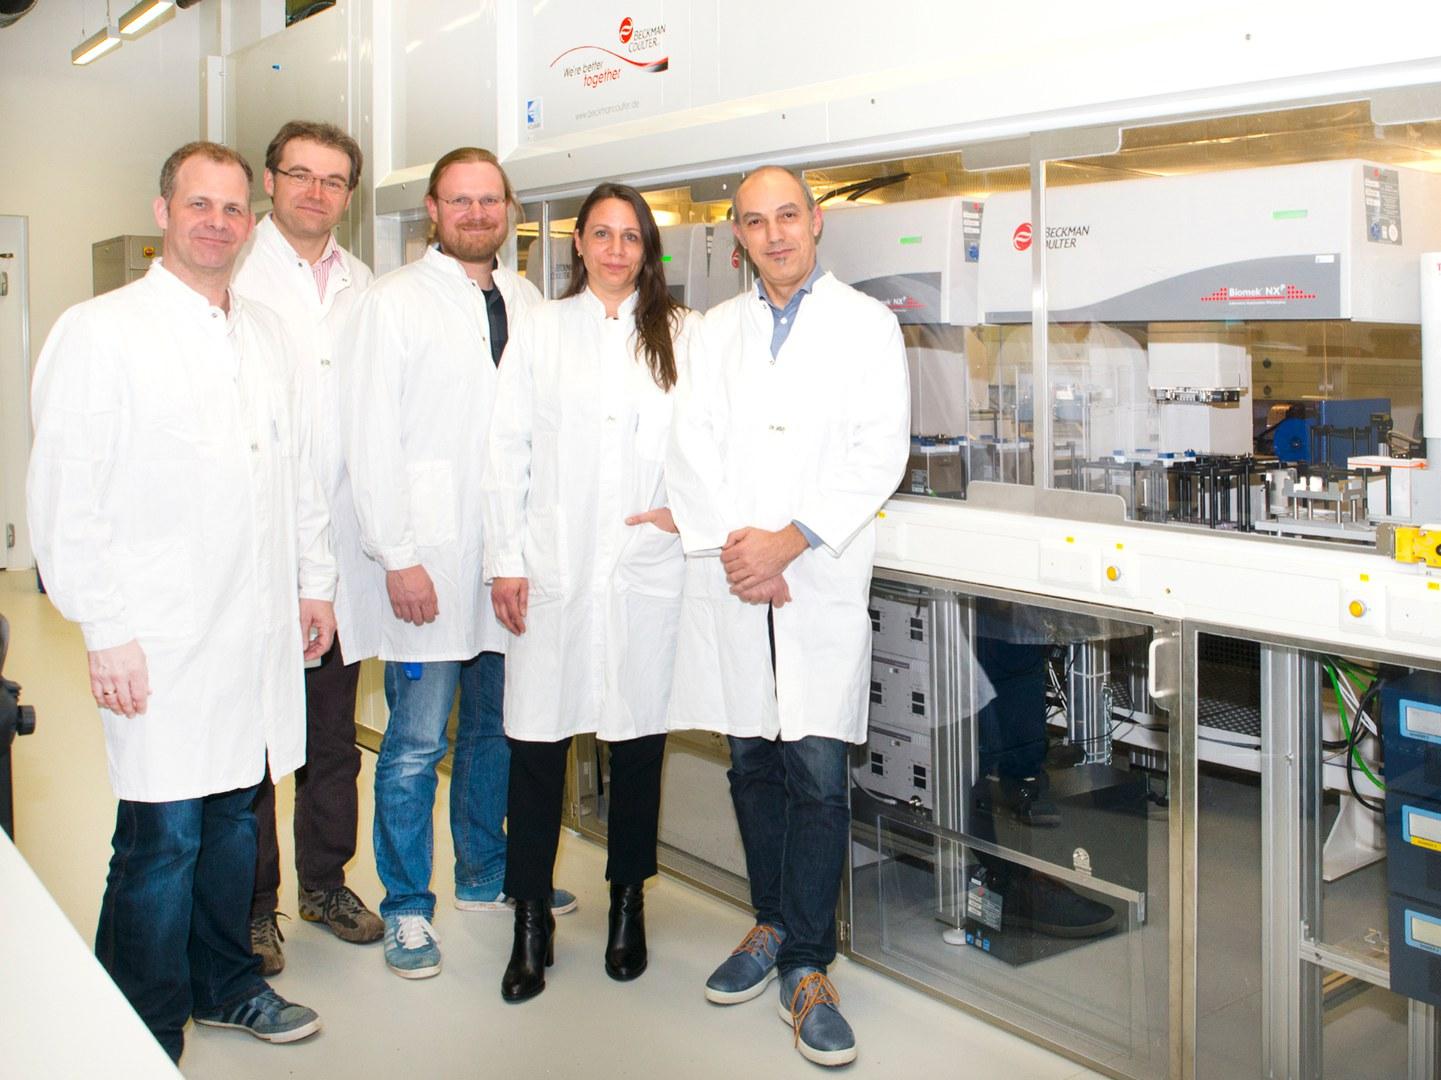 An der Robotikanlage zur vollautomatisierten Testung von Wirkstoffen